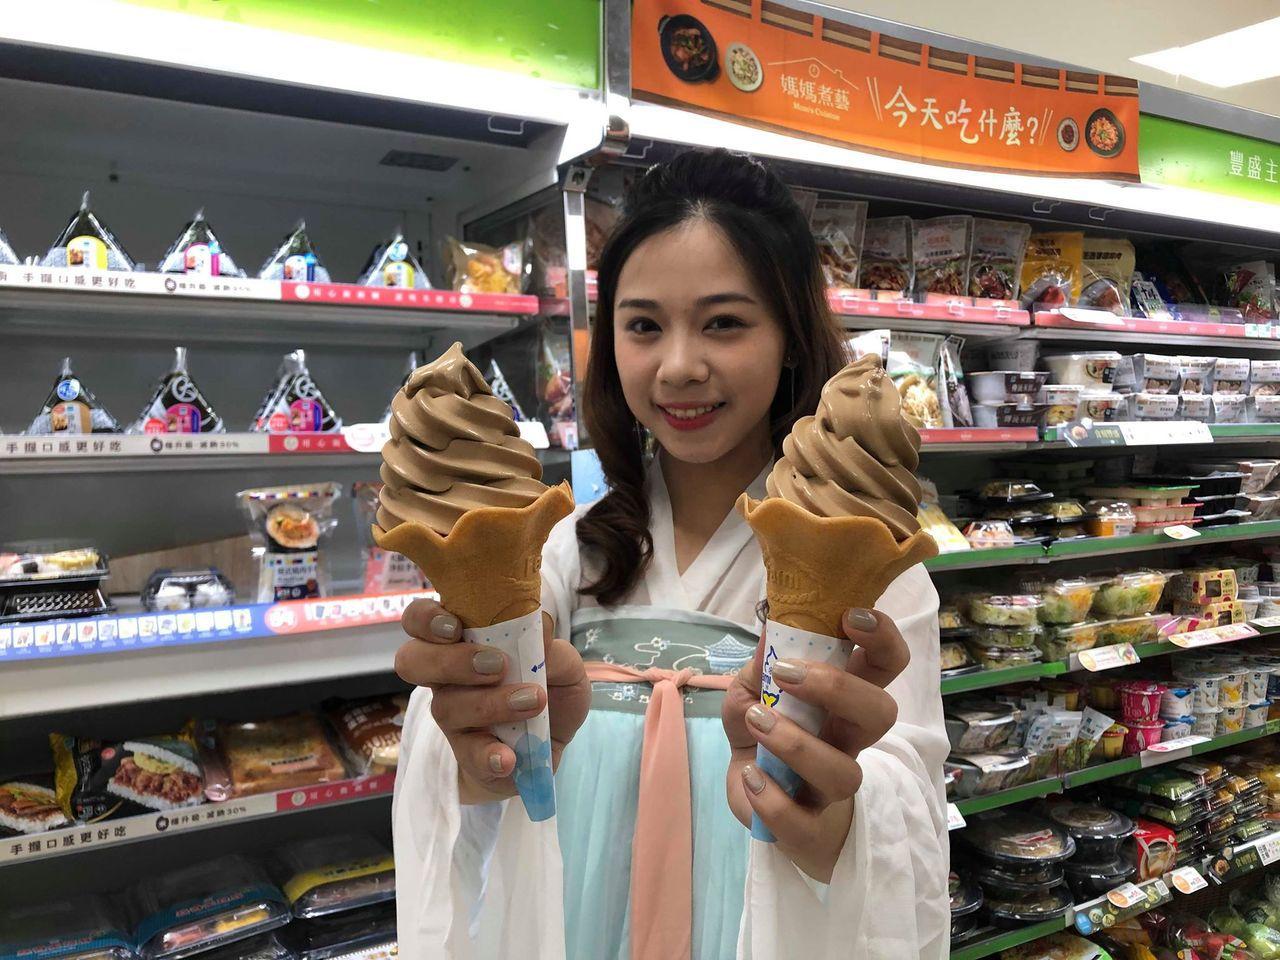 全家便利商店推出古早味的「仙女紅茶霜淇淋」,將台灣農林的仙女紅茶入料。圖/全家便...